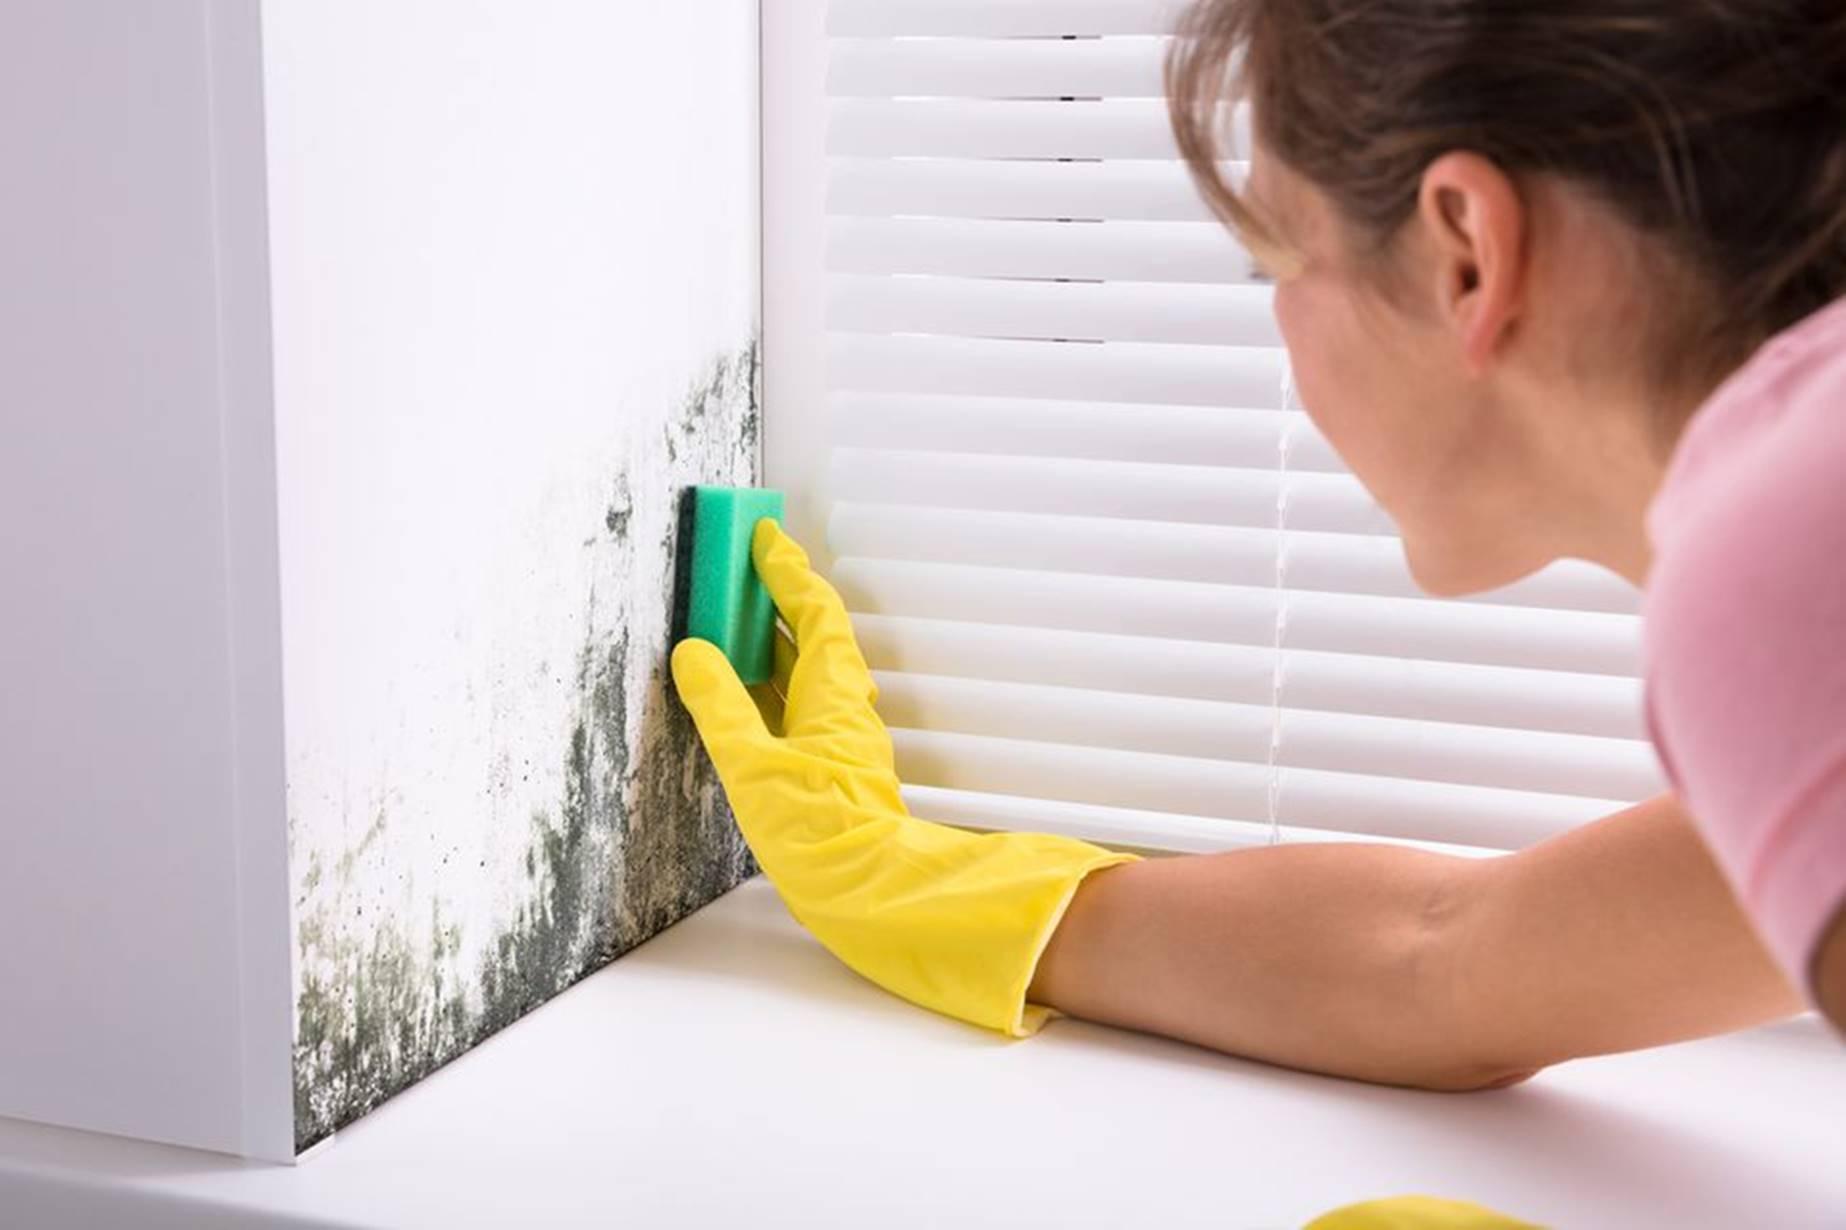 Truques caseiros para remover umidades da casa